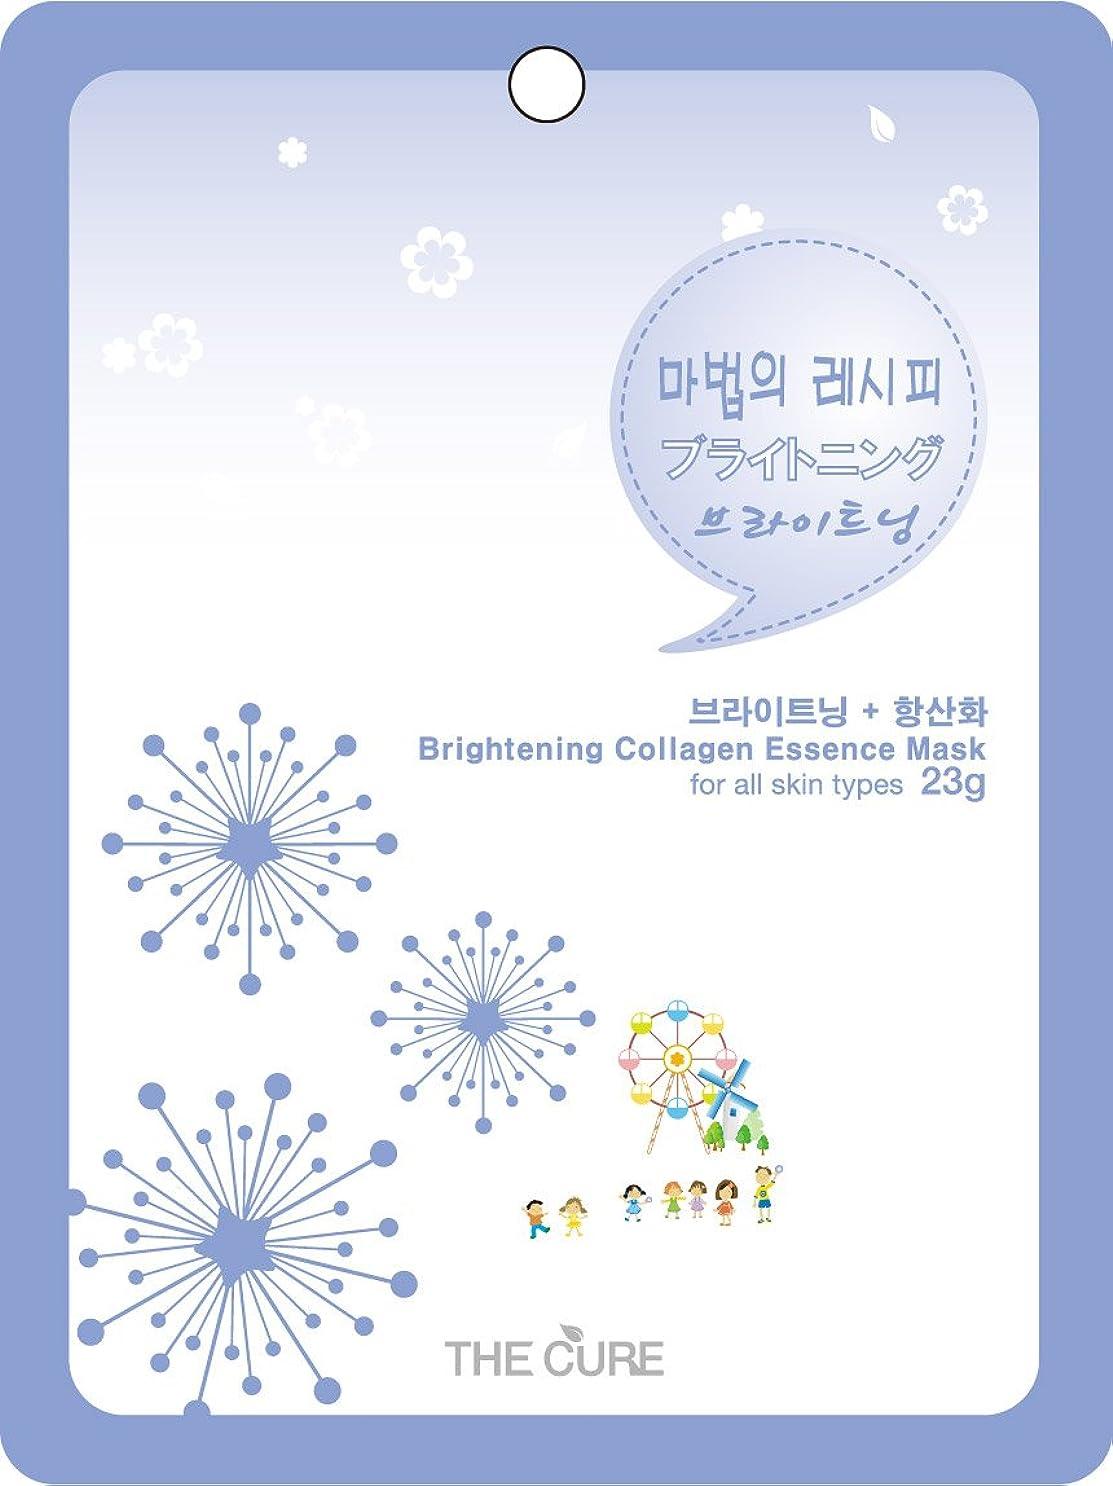 爆発物可塑性ピアニストブライトニング コラーゲン エッセンス マスク THE CURE シート パック 100枚セット 韓国 コスメ 乾燥肌 オイリー肌 混合肌